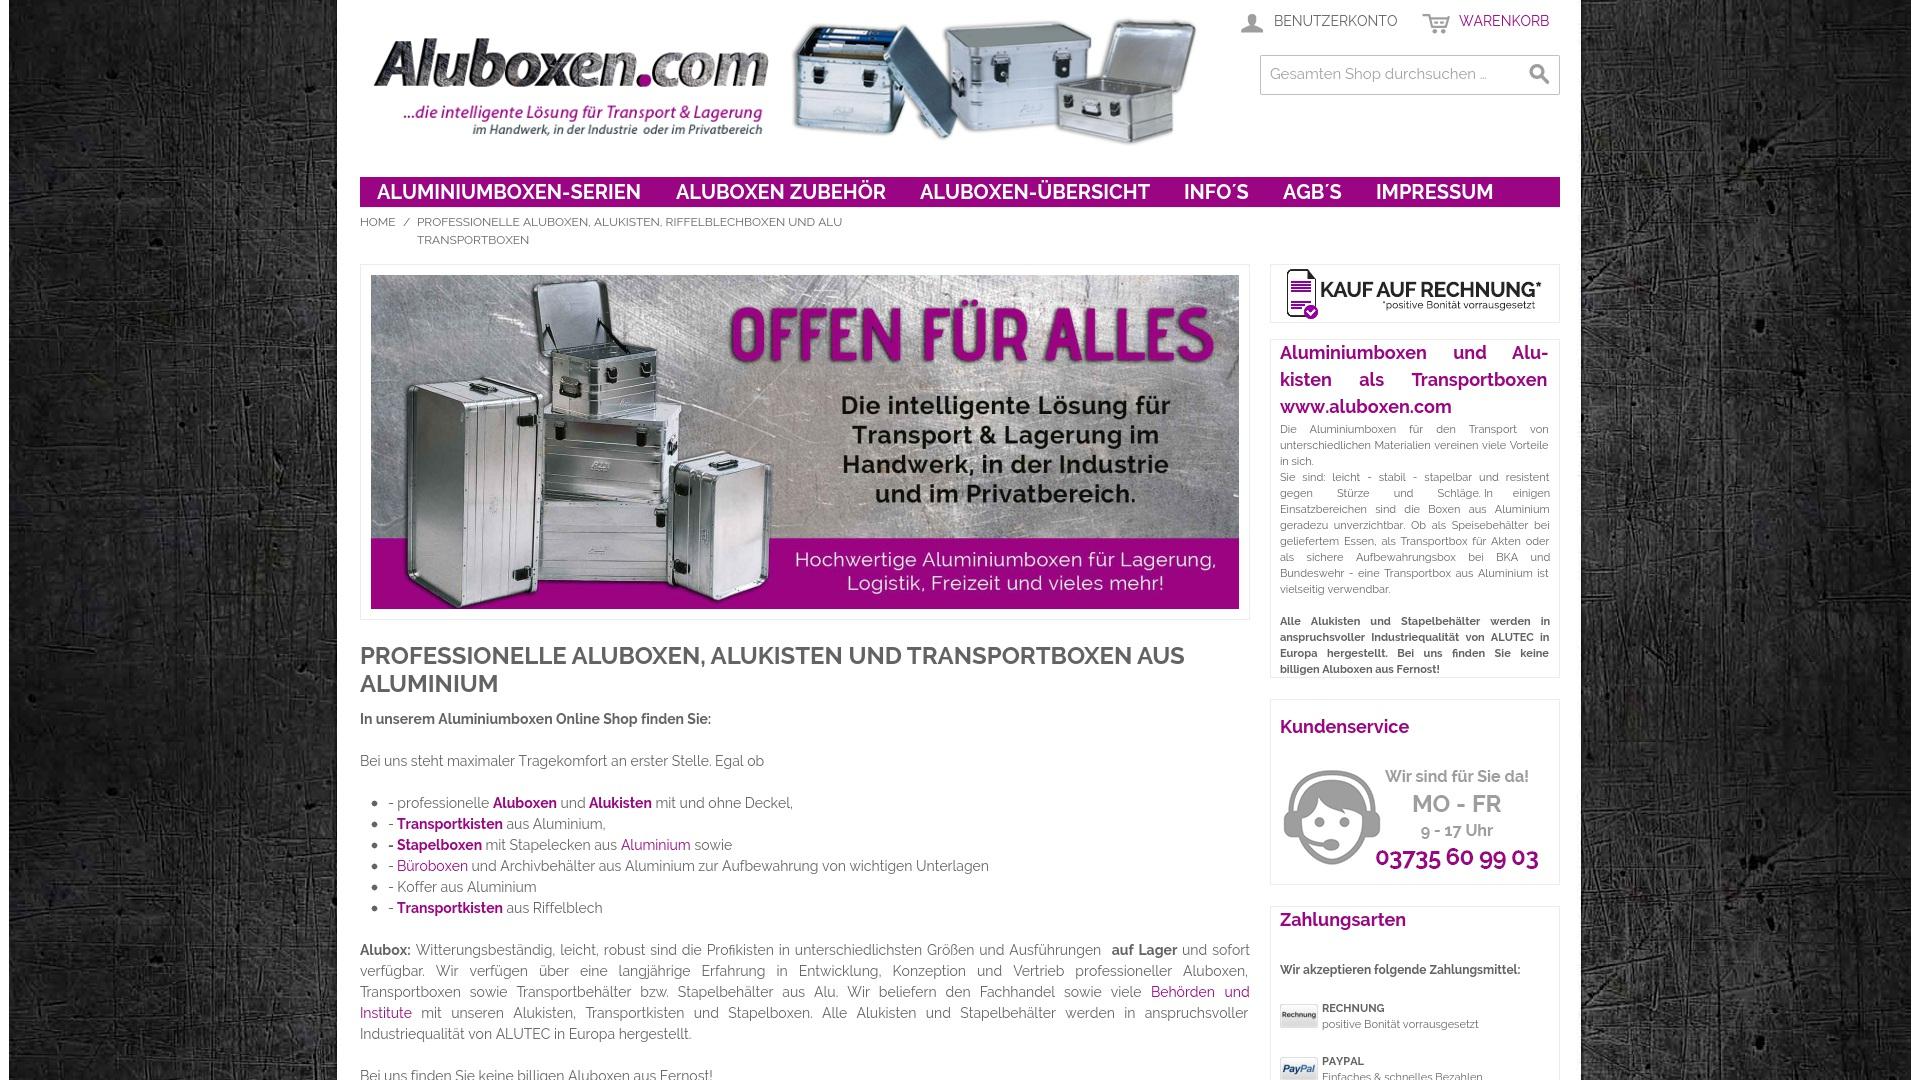 Gutschein für Aluboxen: Rabatte für  Aluboxen sichern